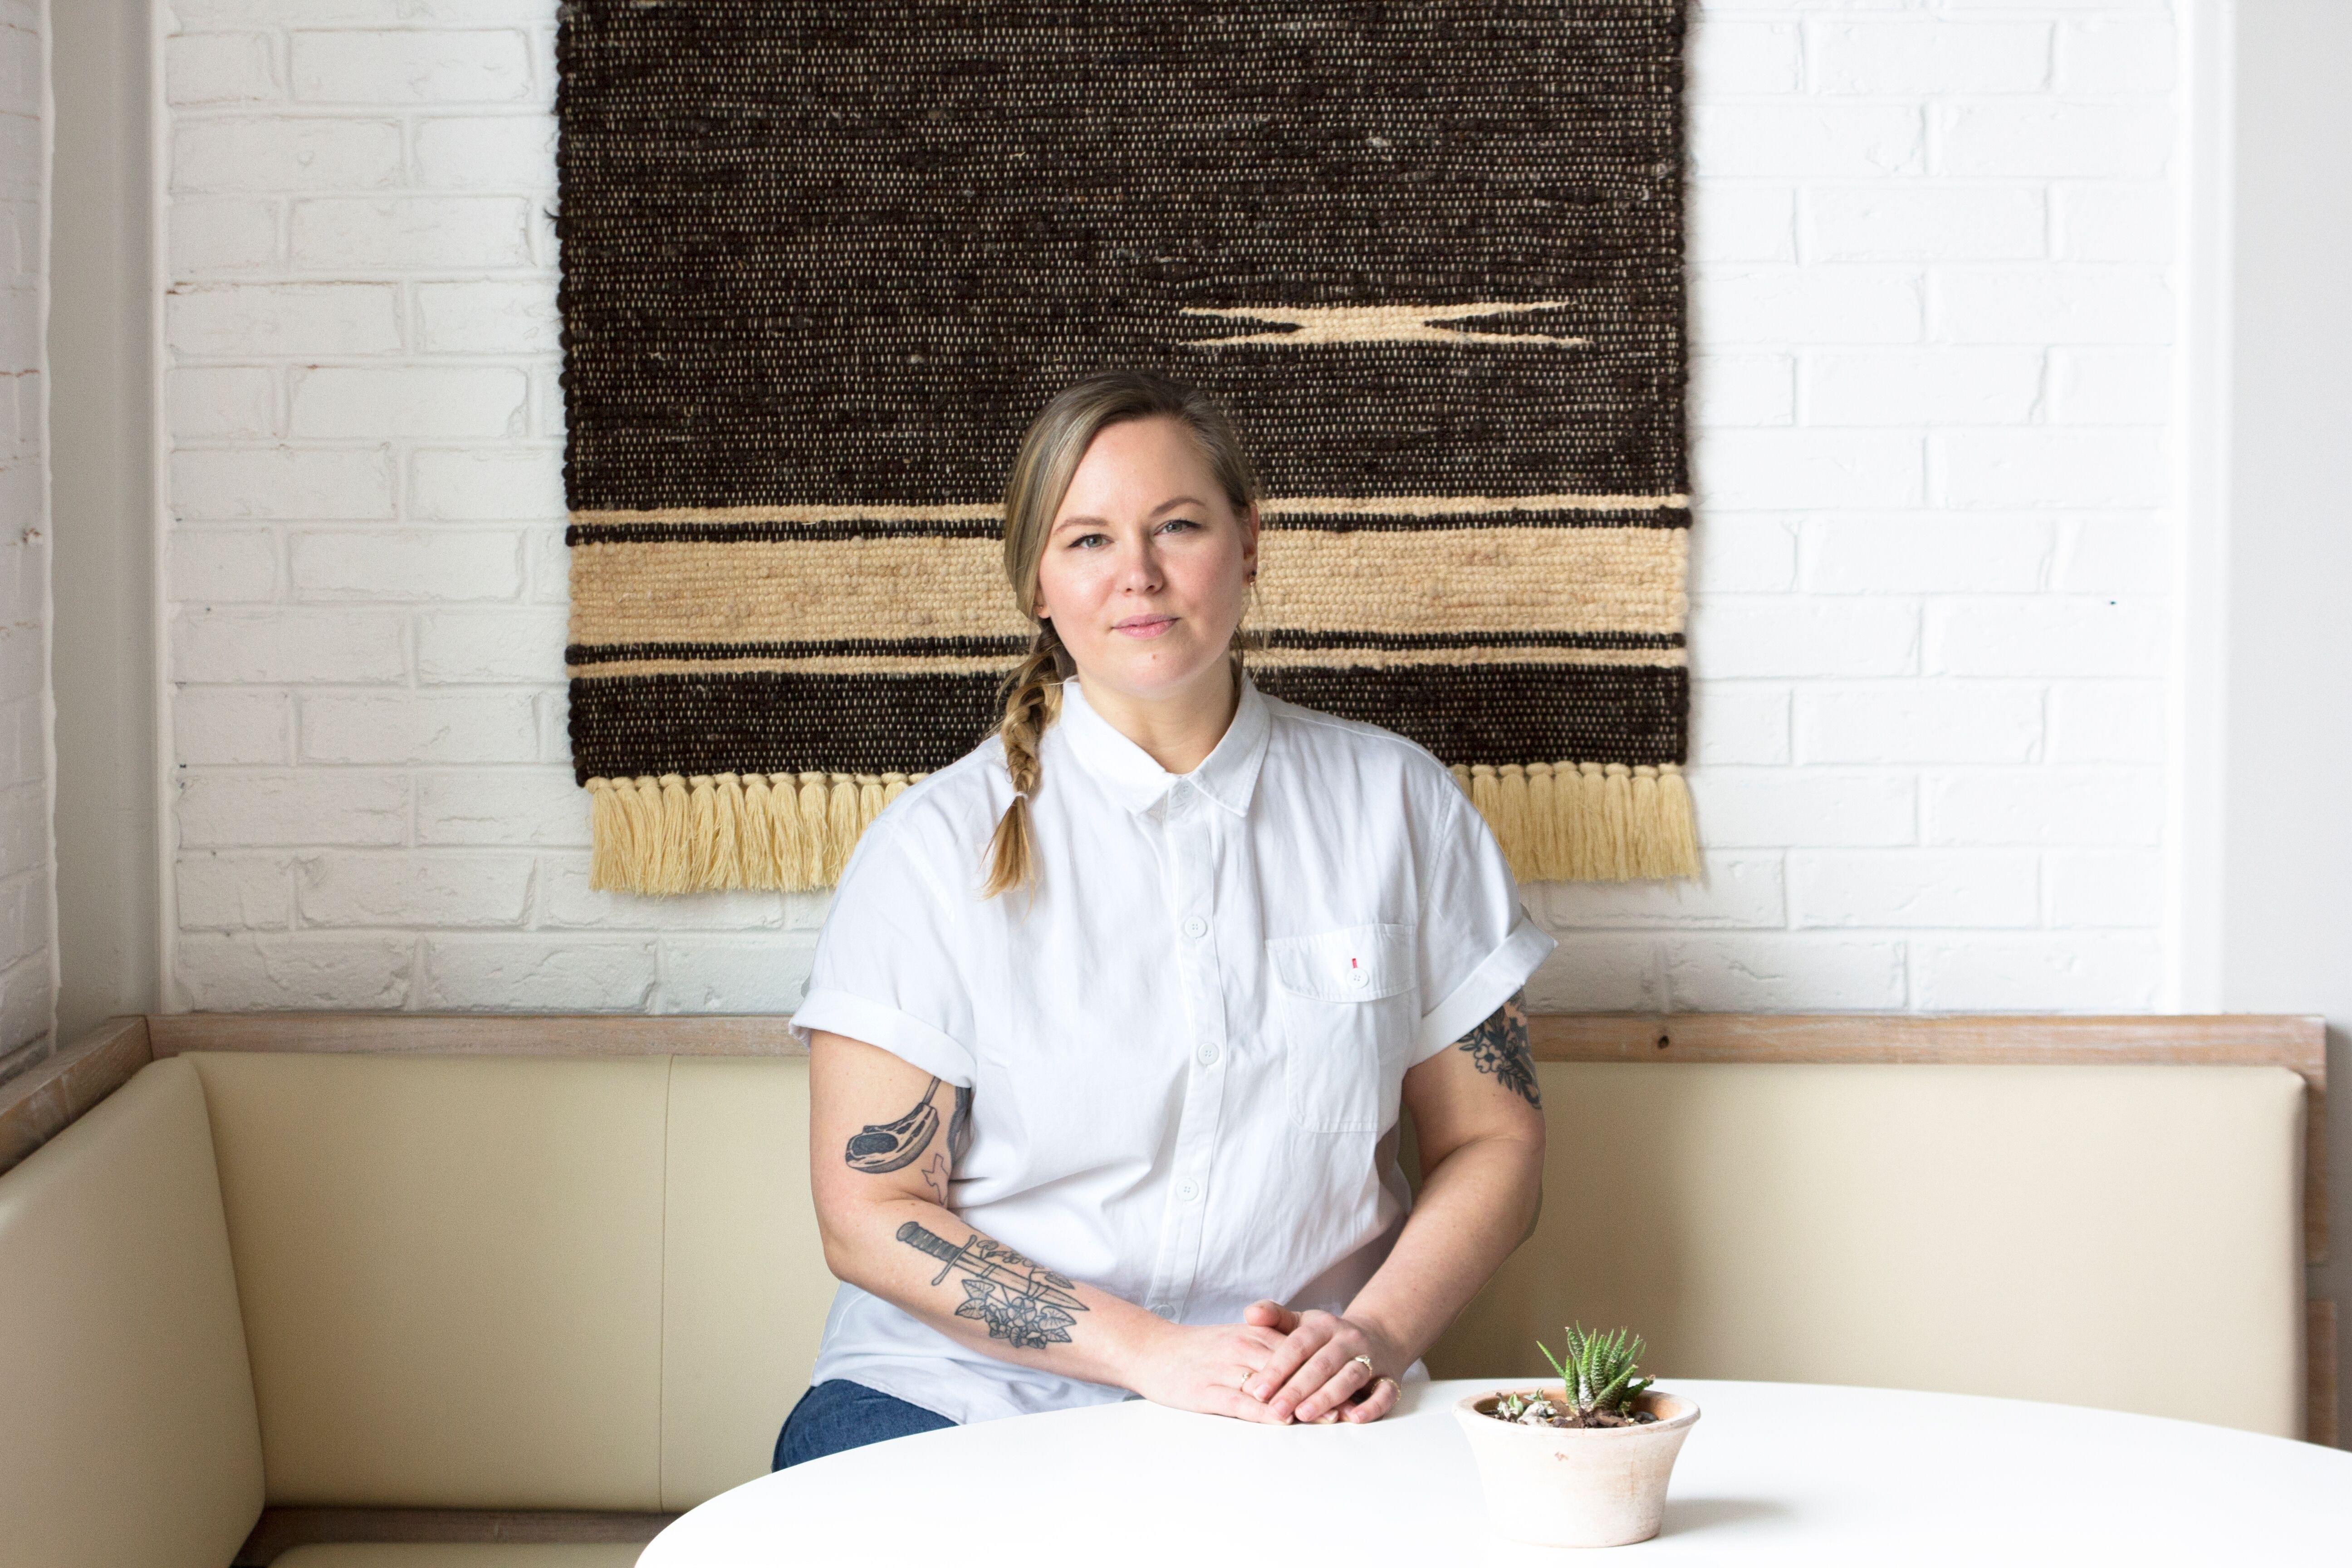 Chef Brittanny Anderson